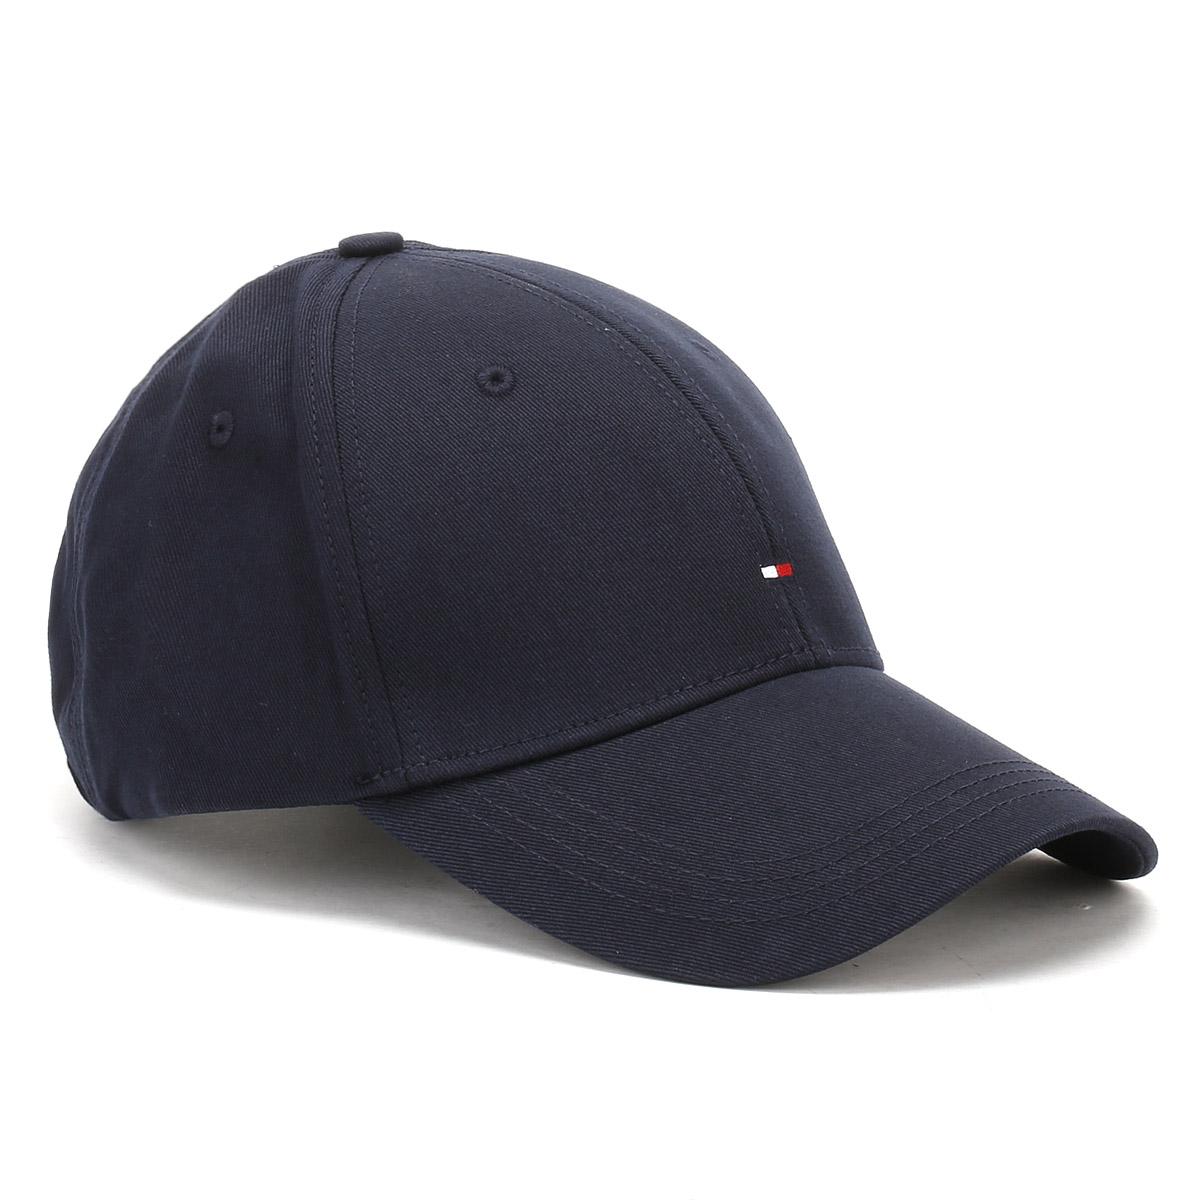 f1704a00 Tommy Hilfiger Womens Midnight Black Classic Baseball Cap, Ladies Hat